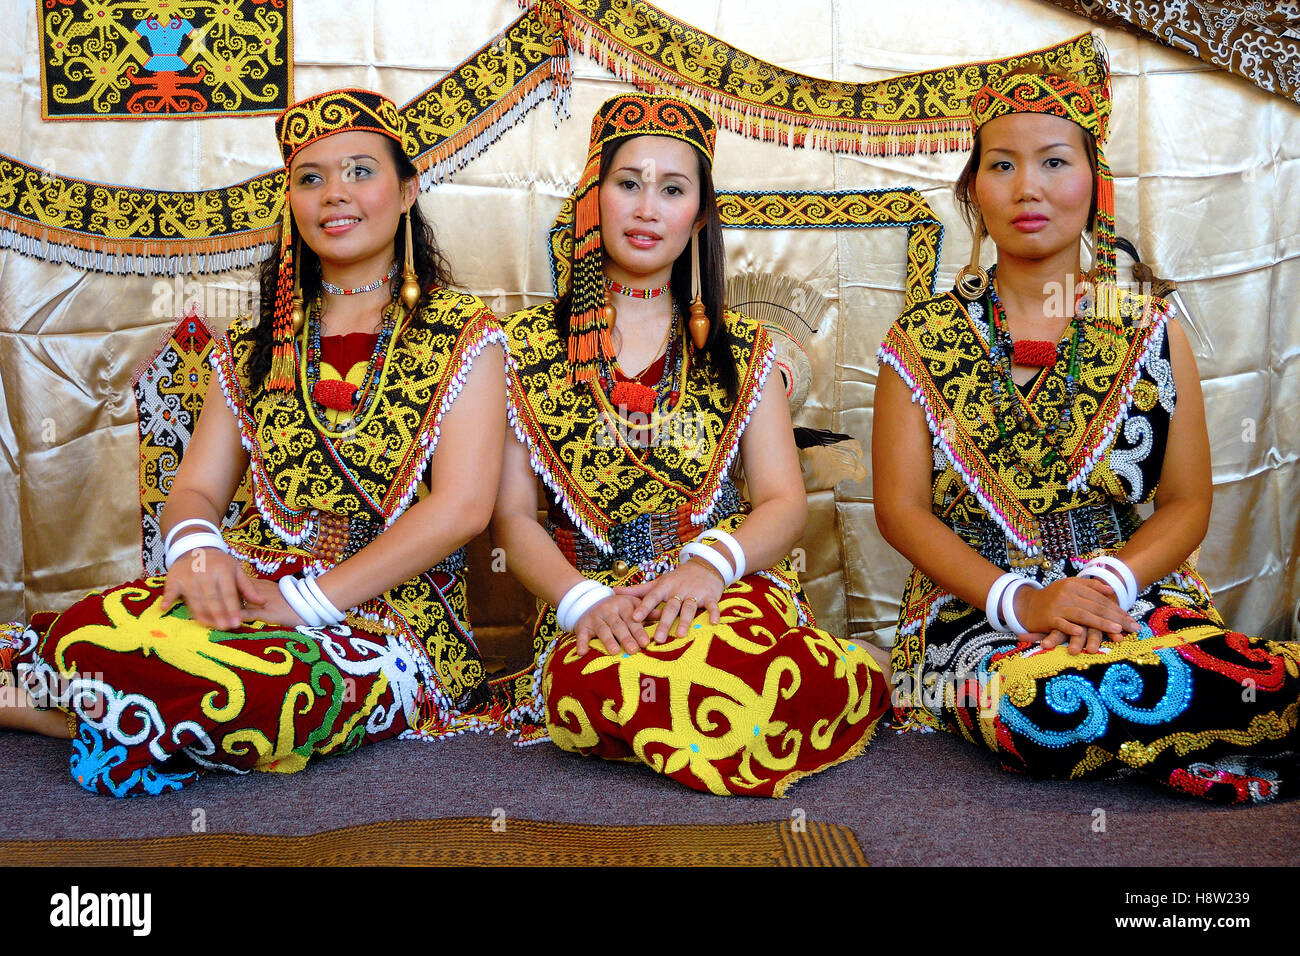 The Orang Ulu, Sarawak, Malaysia. - Stock Image